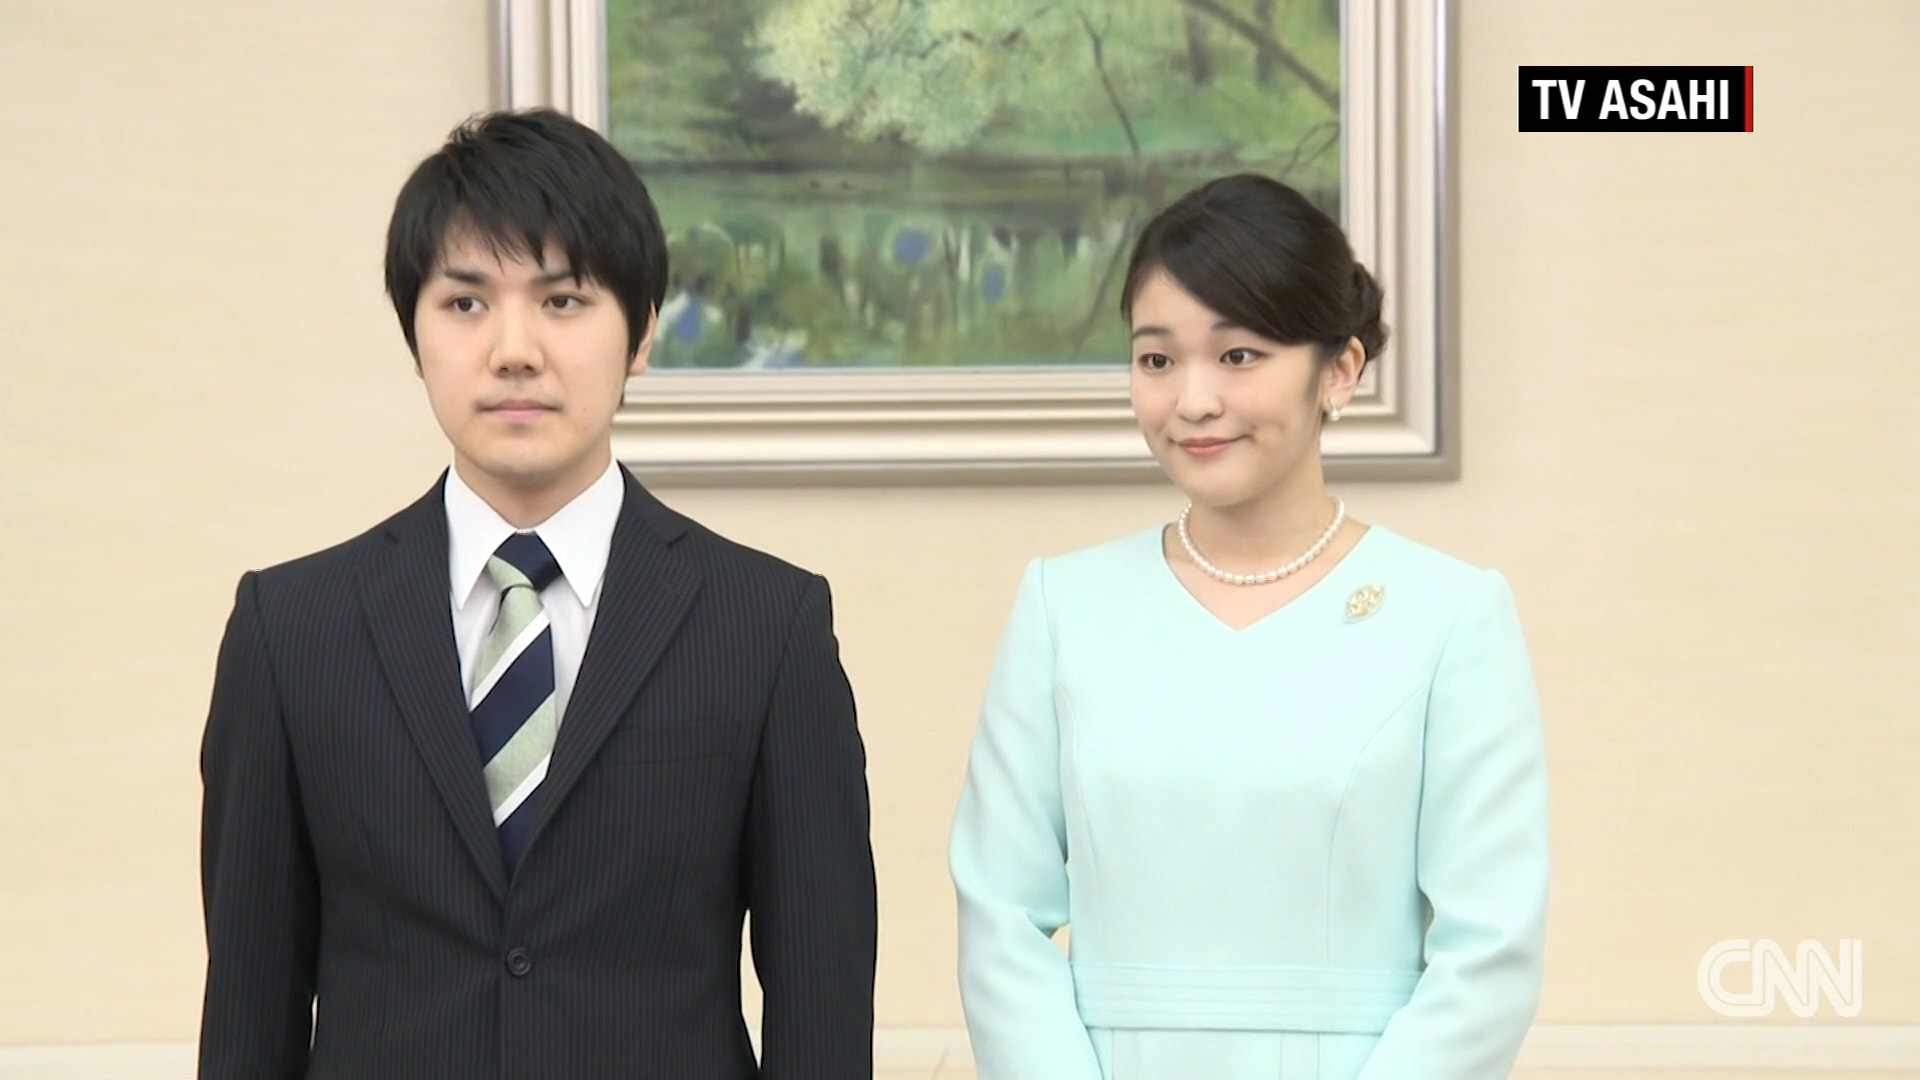 من زفاف ملكي إلى زفاف عادي وترك العائلة الملكية للأميرة اليابانية ماكو